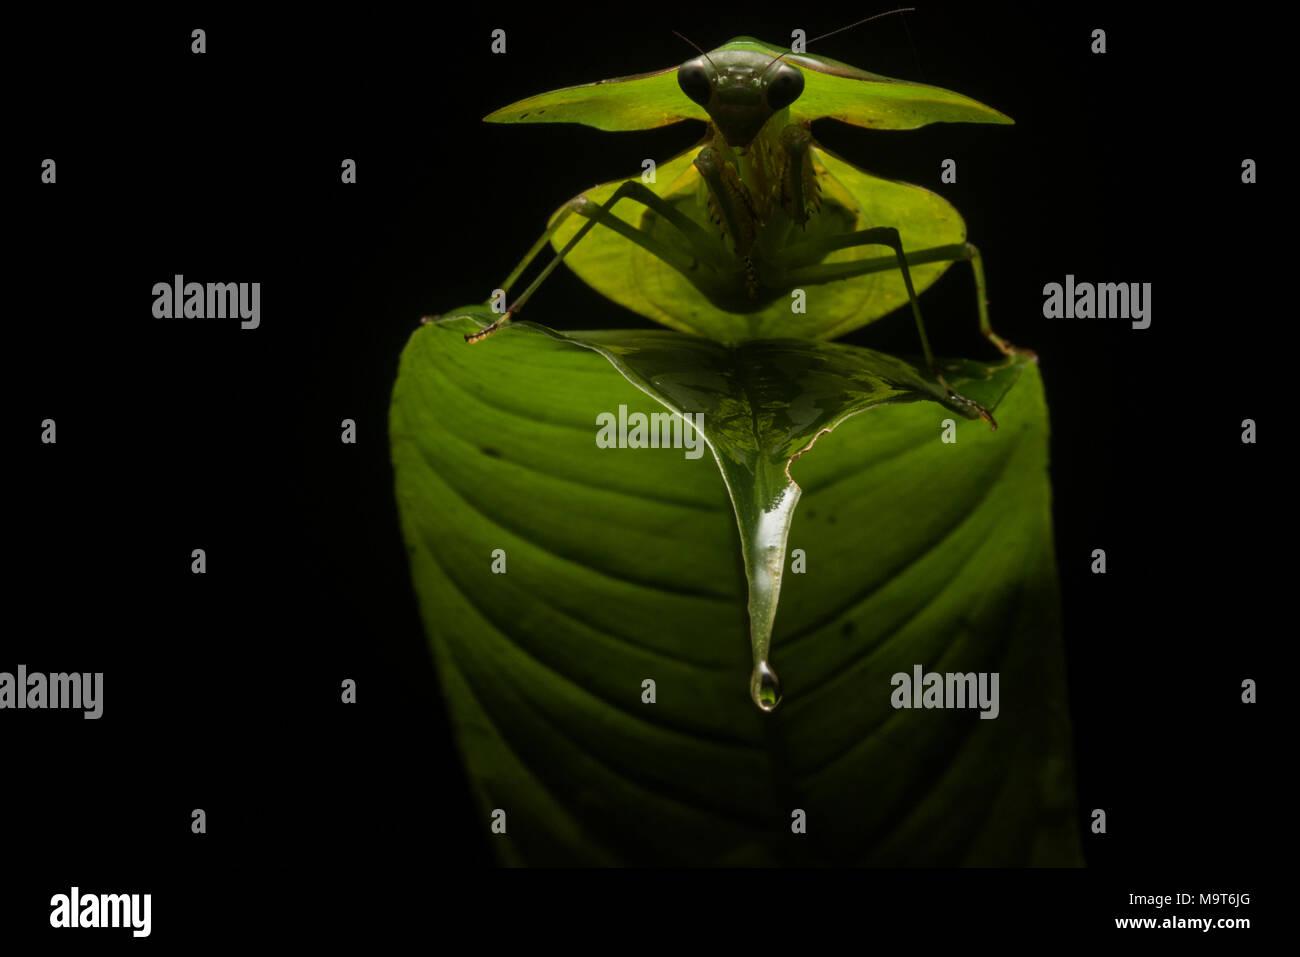 Eine peruanische Schild mantis sitzt auf einem Blatt im Dschungel, mit einem externen Blitz acheived einen coolen Hintergrundbeleuchtung Effekt, der die Mantis gemacht noch dramatischer. Stockbild